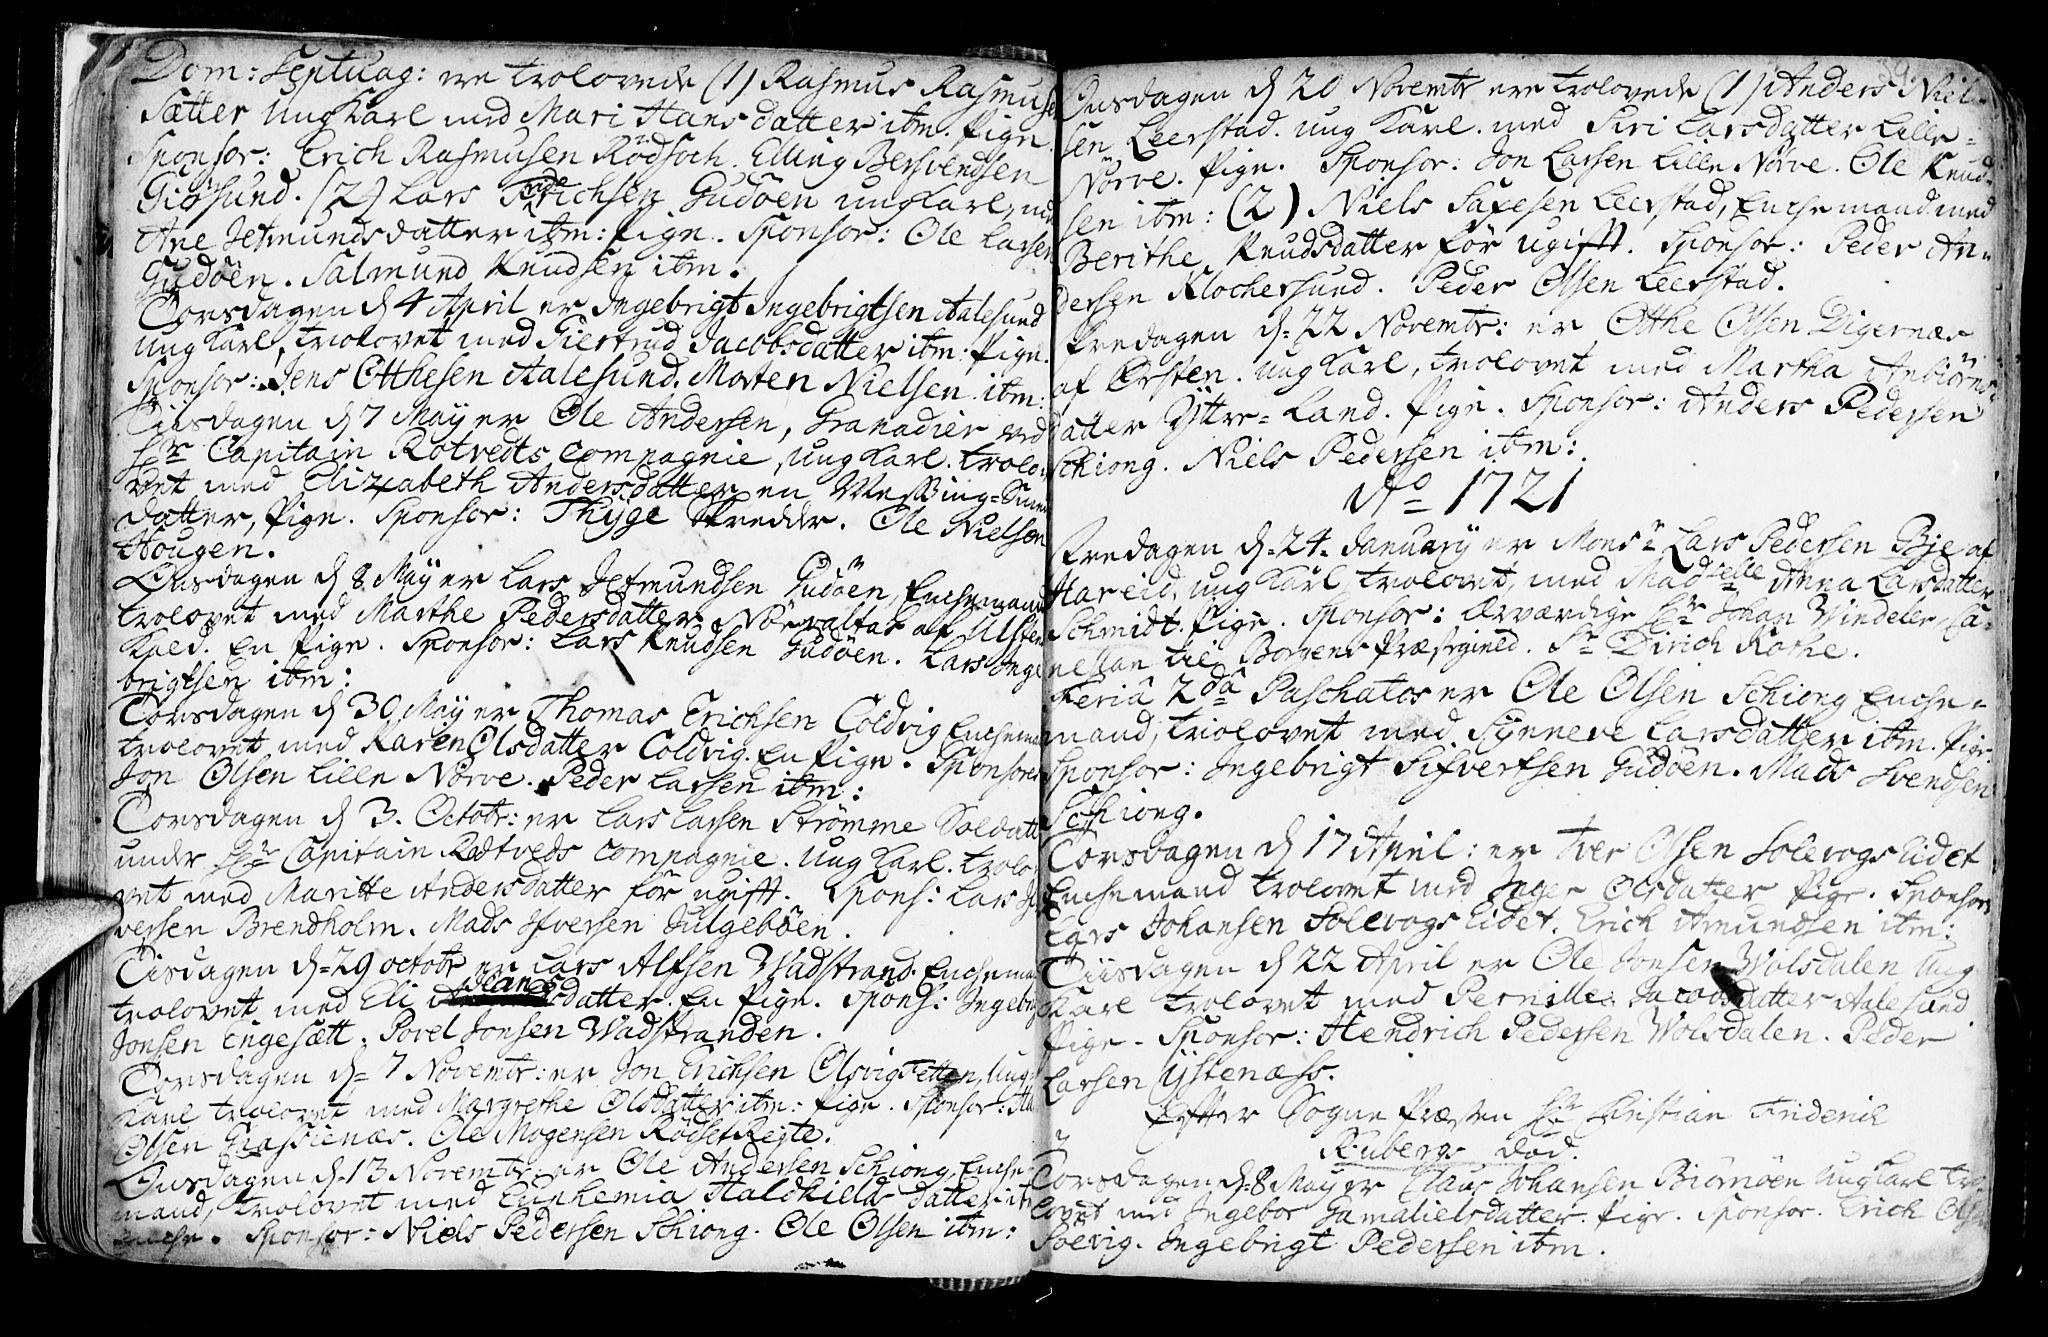 SAT, Ministerialprotokoller, klokkerbøker og fødselsregistre - Møre og Romsdal, 528/L0390: Ministerialbok nr. 528A01, 1698-1739, s. 38-39